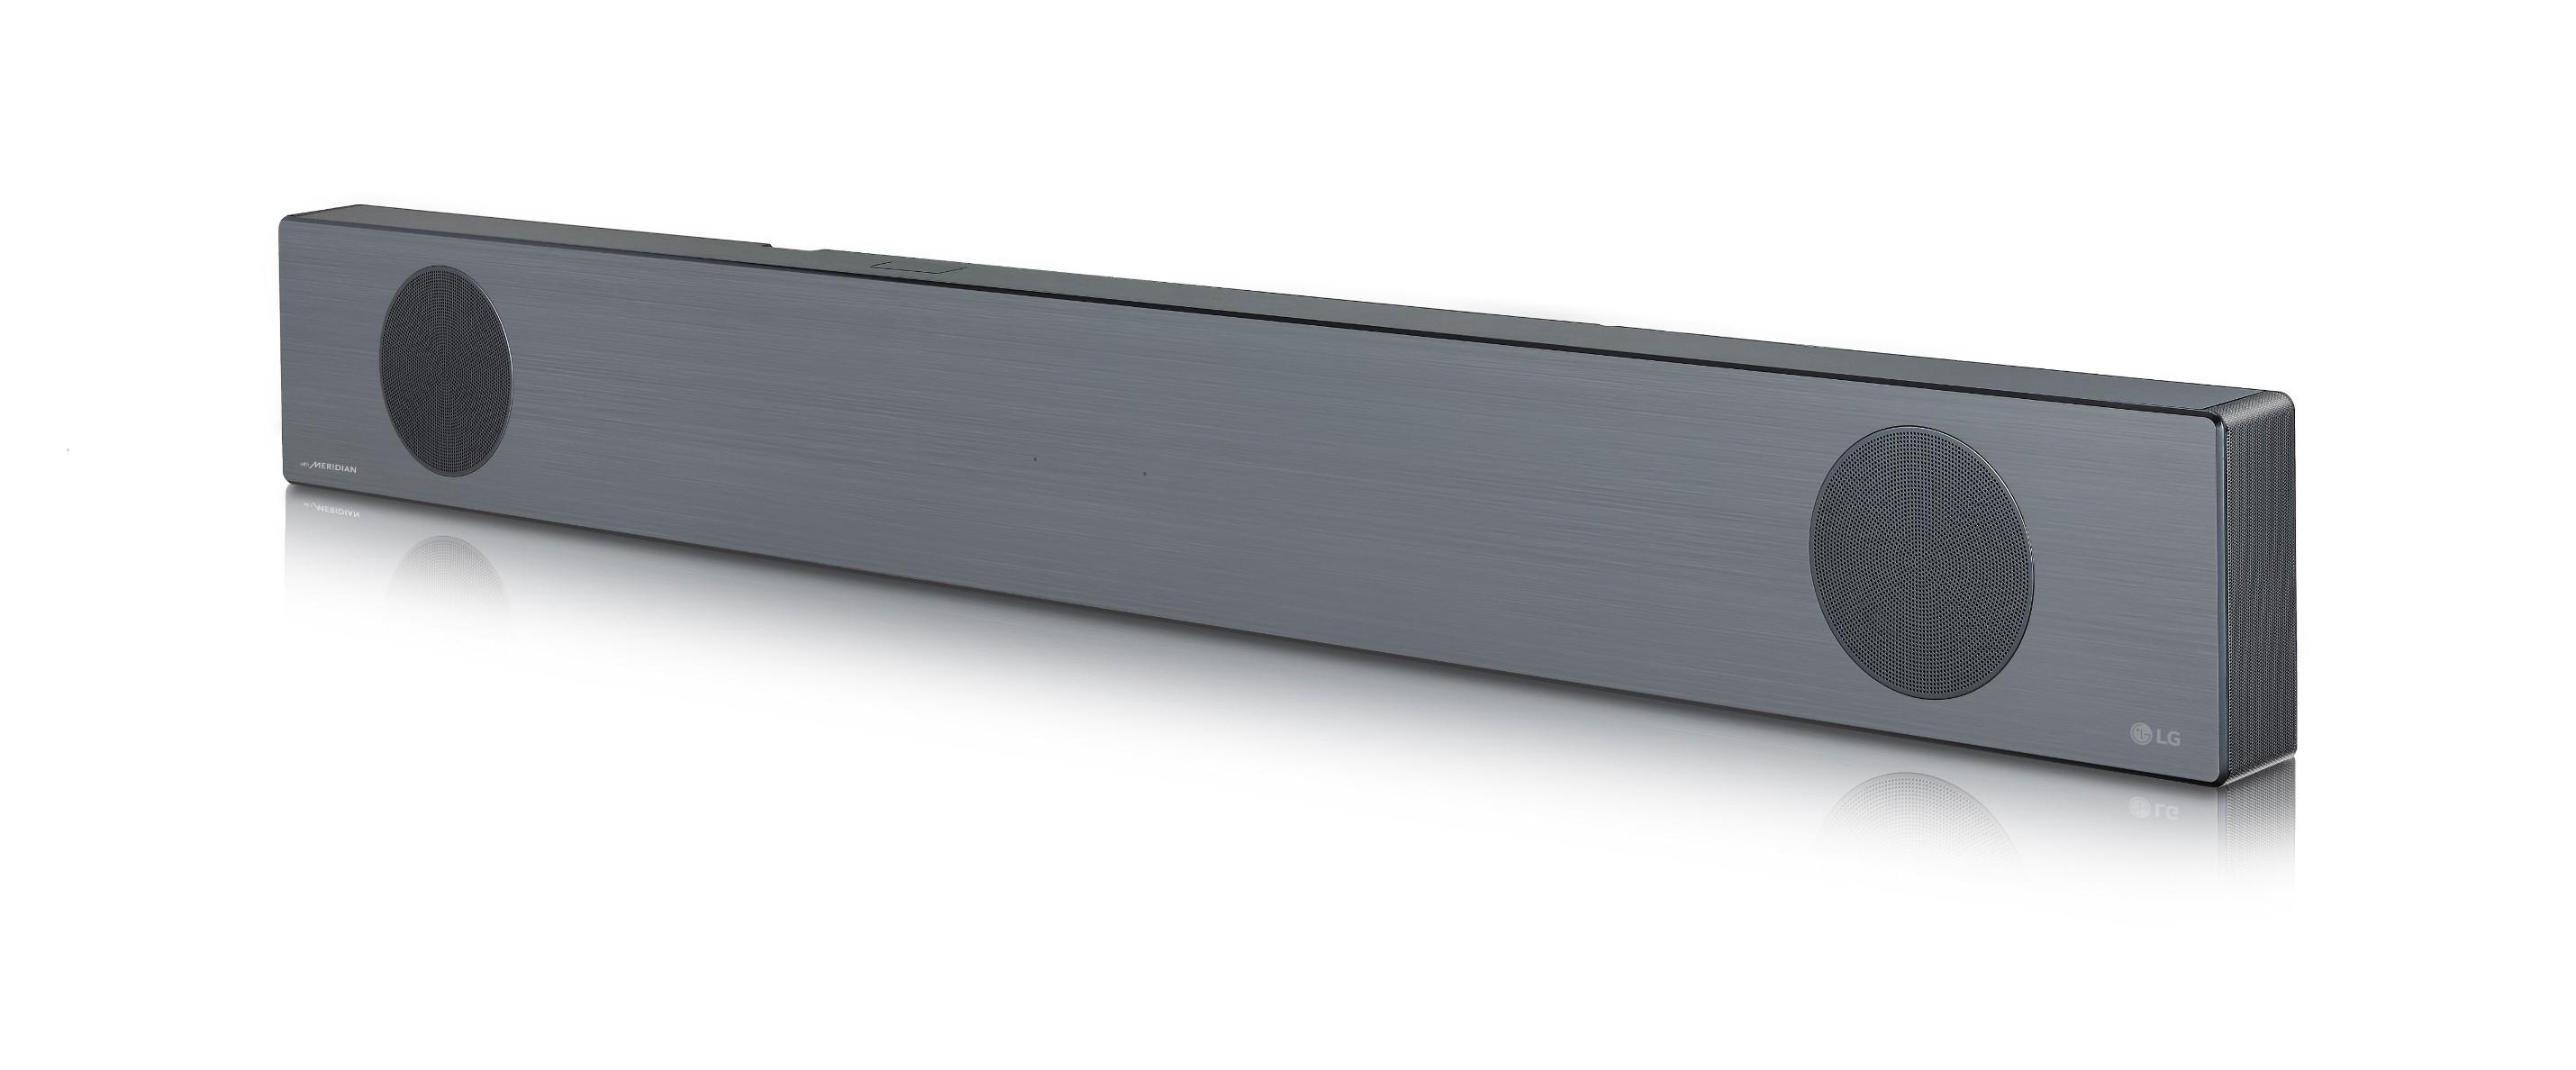 A right-side view of LG Soundbar model SL9YG